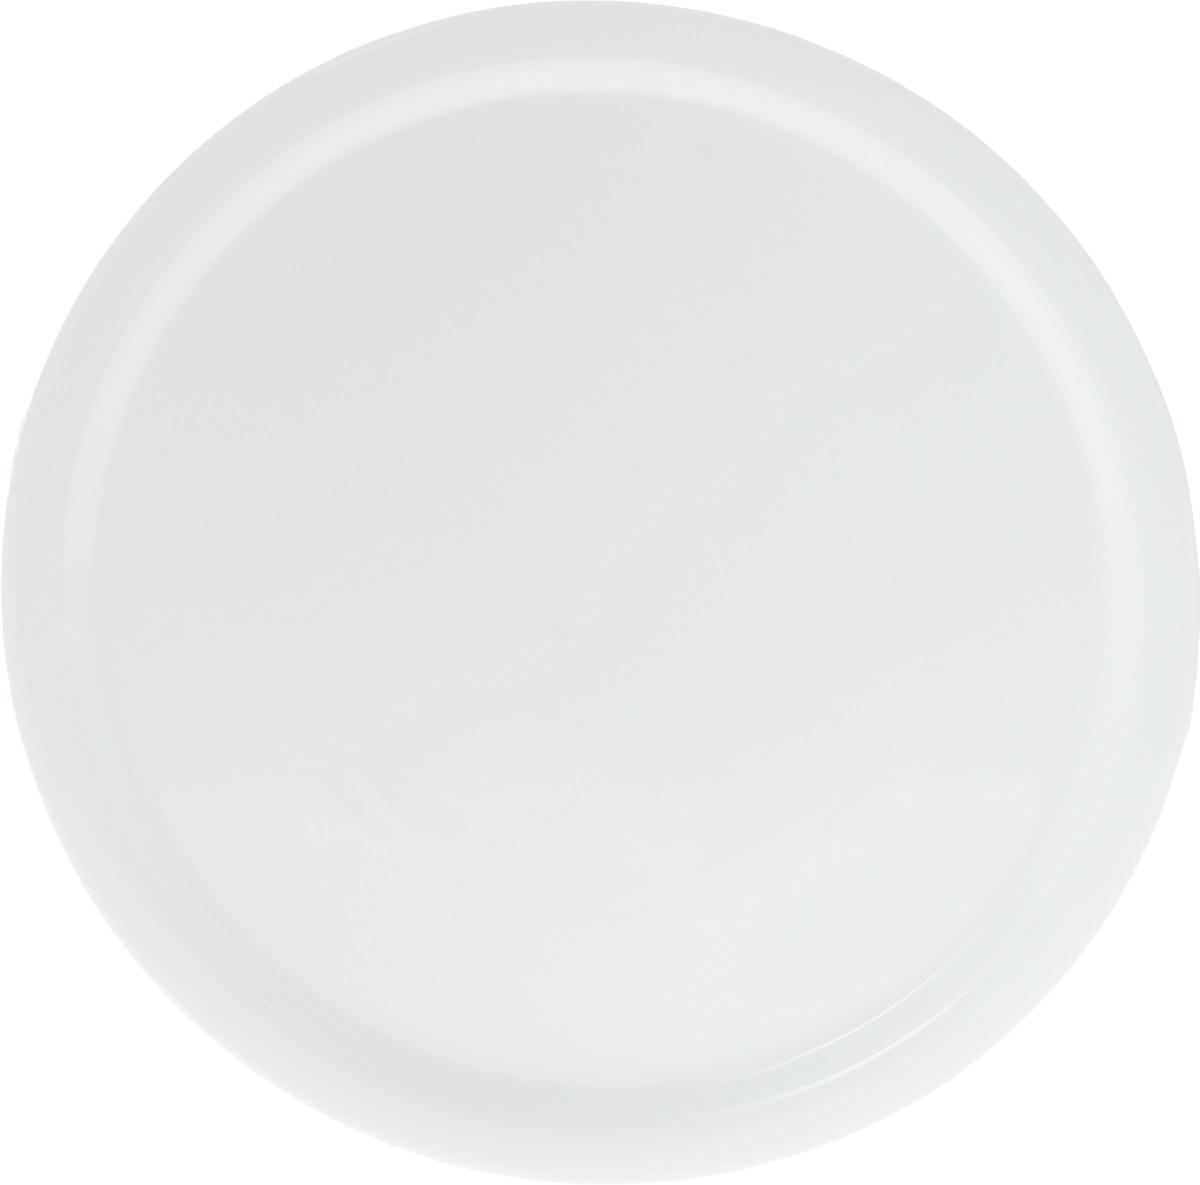 Блюдо для пиццы Wilmax, диаметр 35,5 смCM000001328Оригинальное круглое блюдо Wilmax, изготовленное из фарфора с глазурованным покрытием, идеально подойдет для подачи пиццы, а также других блюд. Оно украсит ваш кухонный стол, а также станет замечательным подарком к любому празднику.